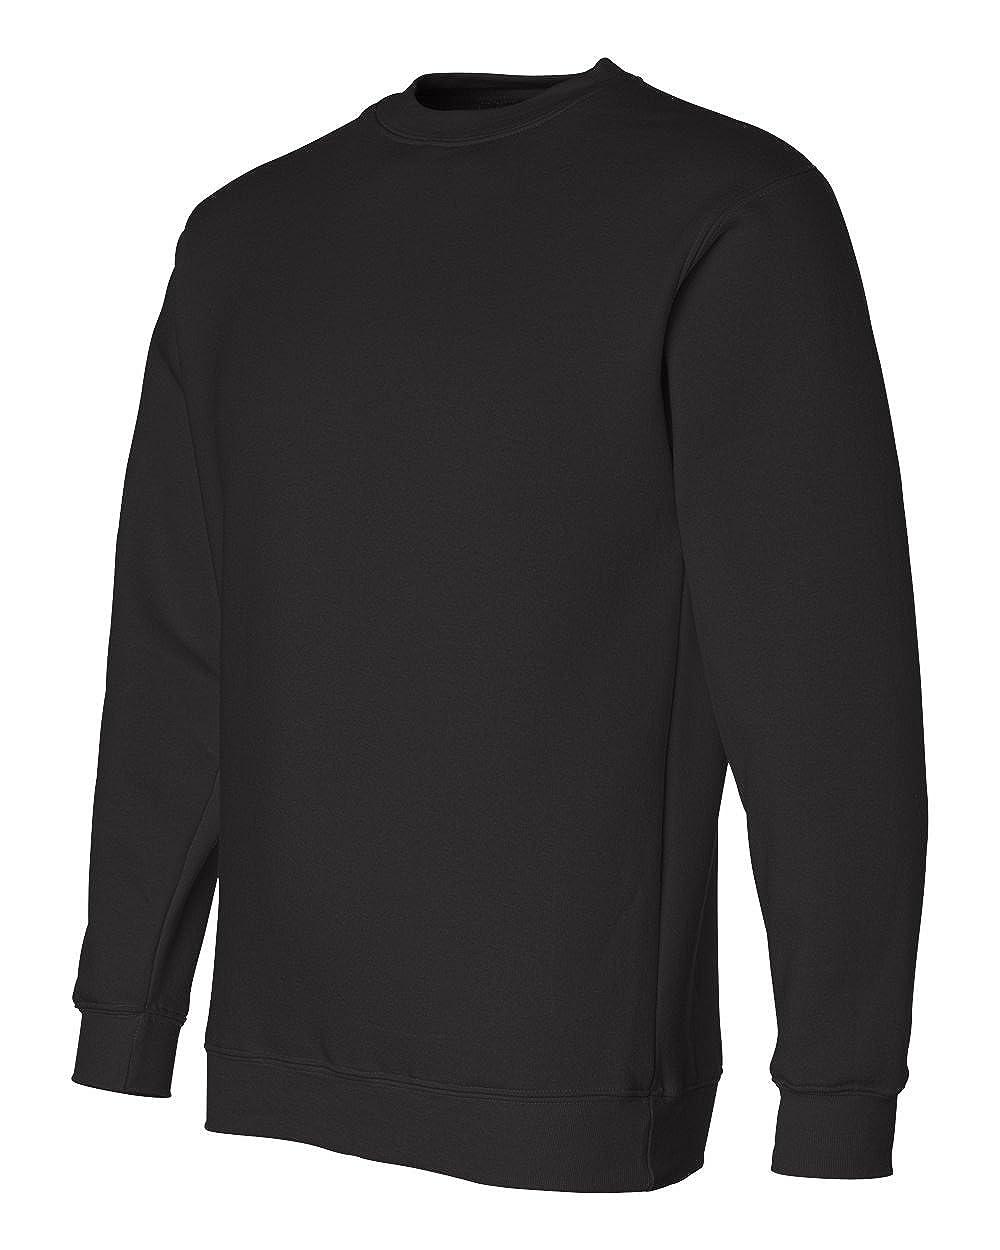 Bayside Adult Crewneck Sweatshirt